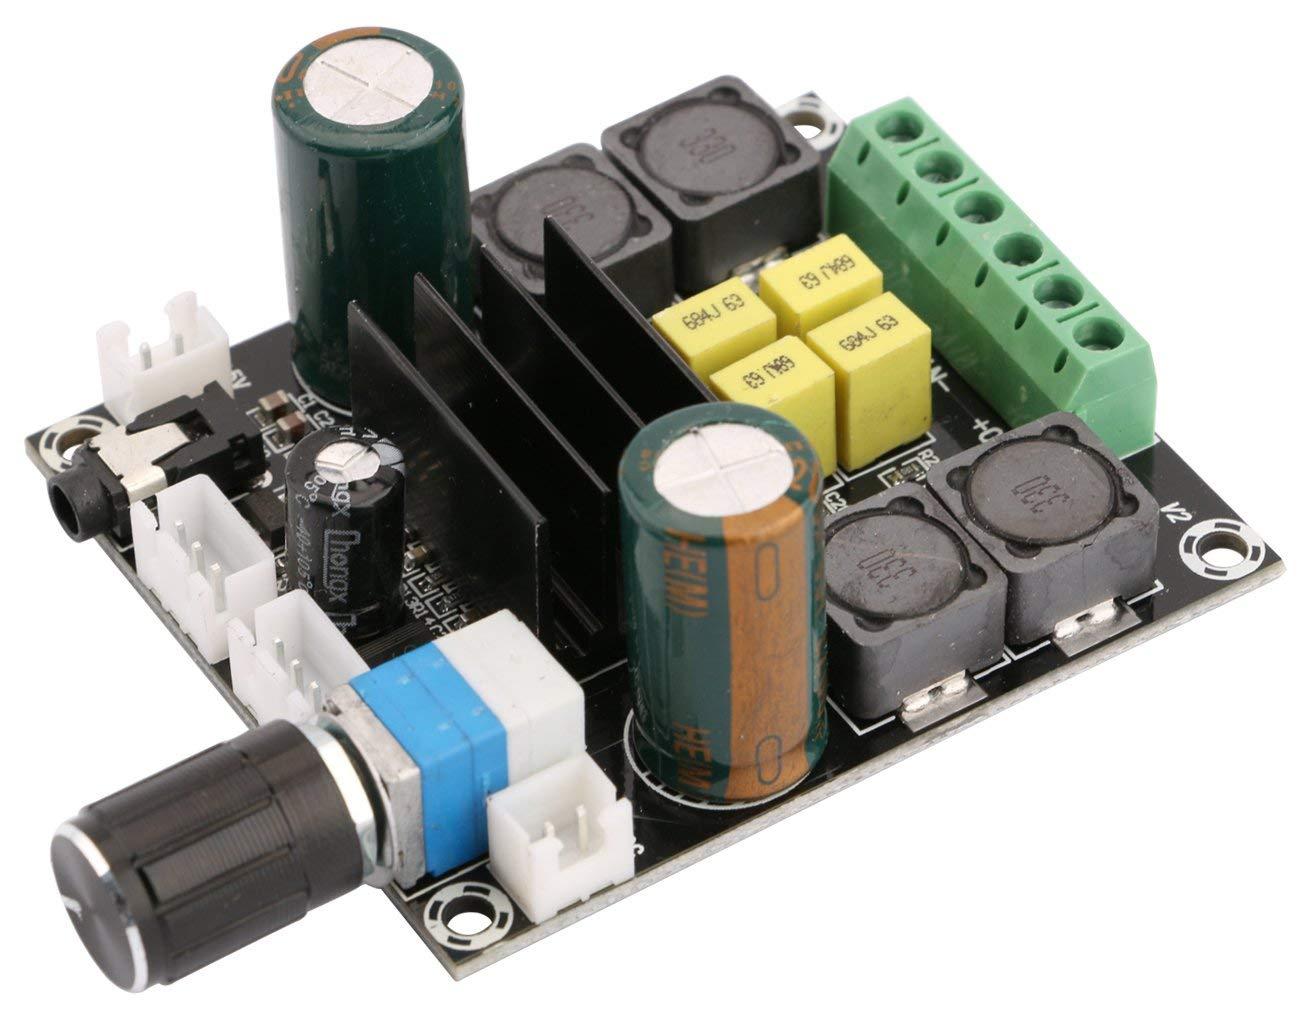 Cheap 24v Car Amplifier Find 24v Car Amplifier Deals On Line At